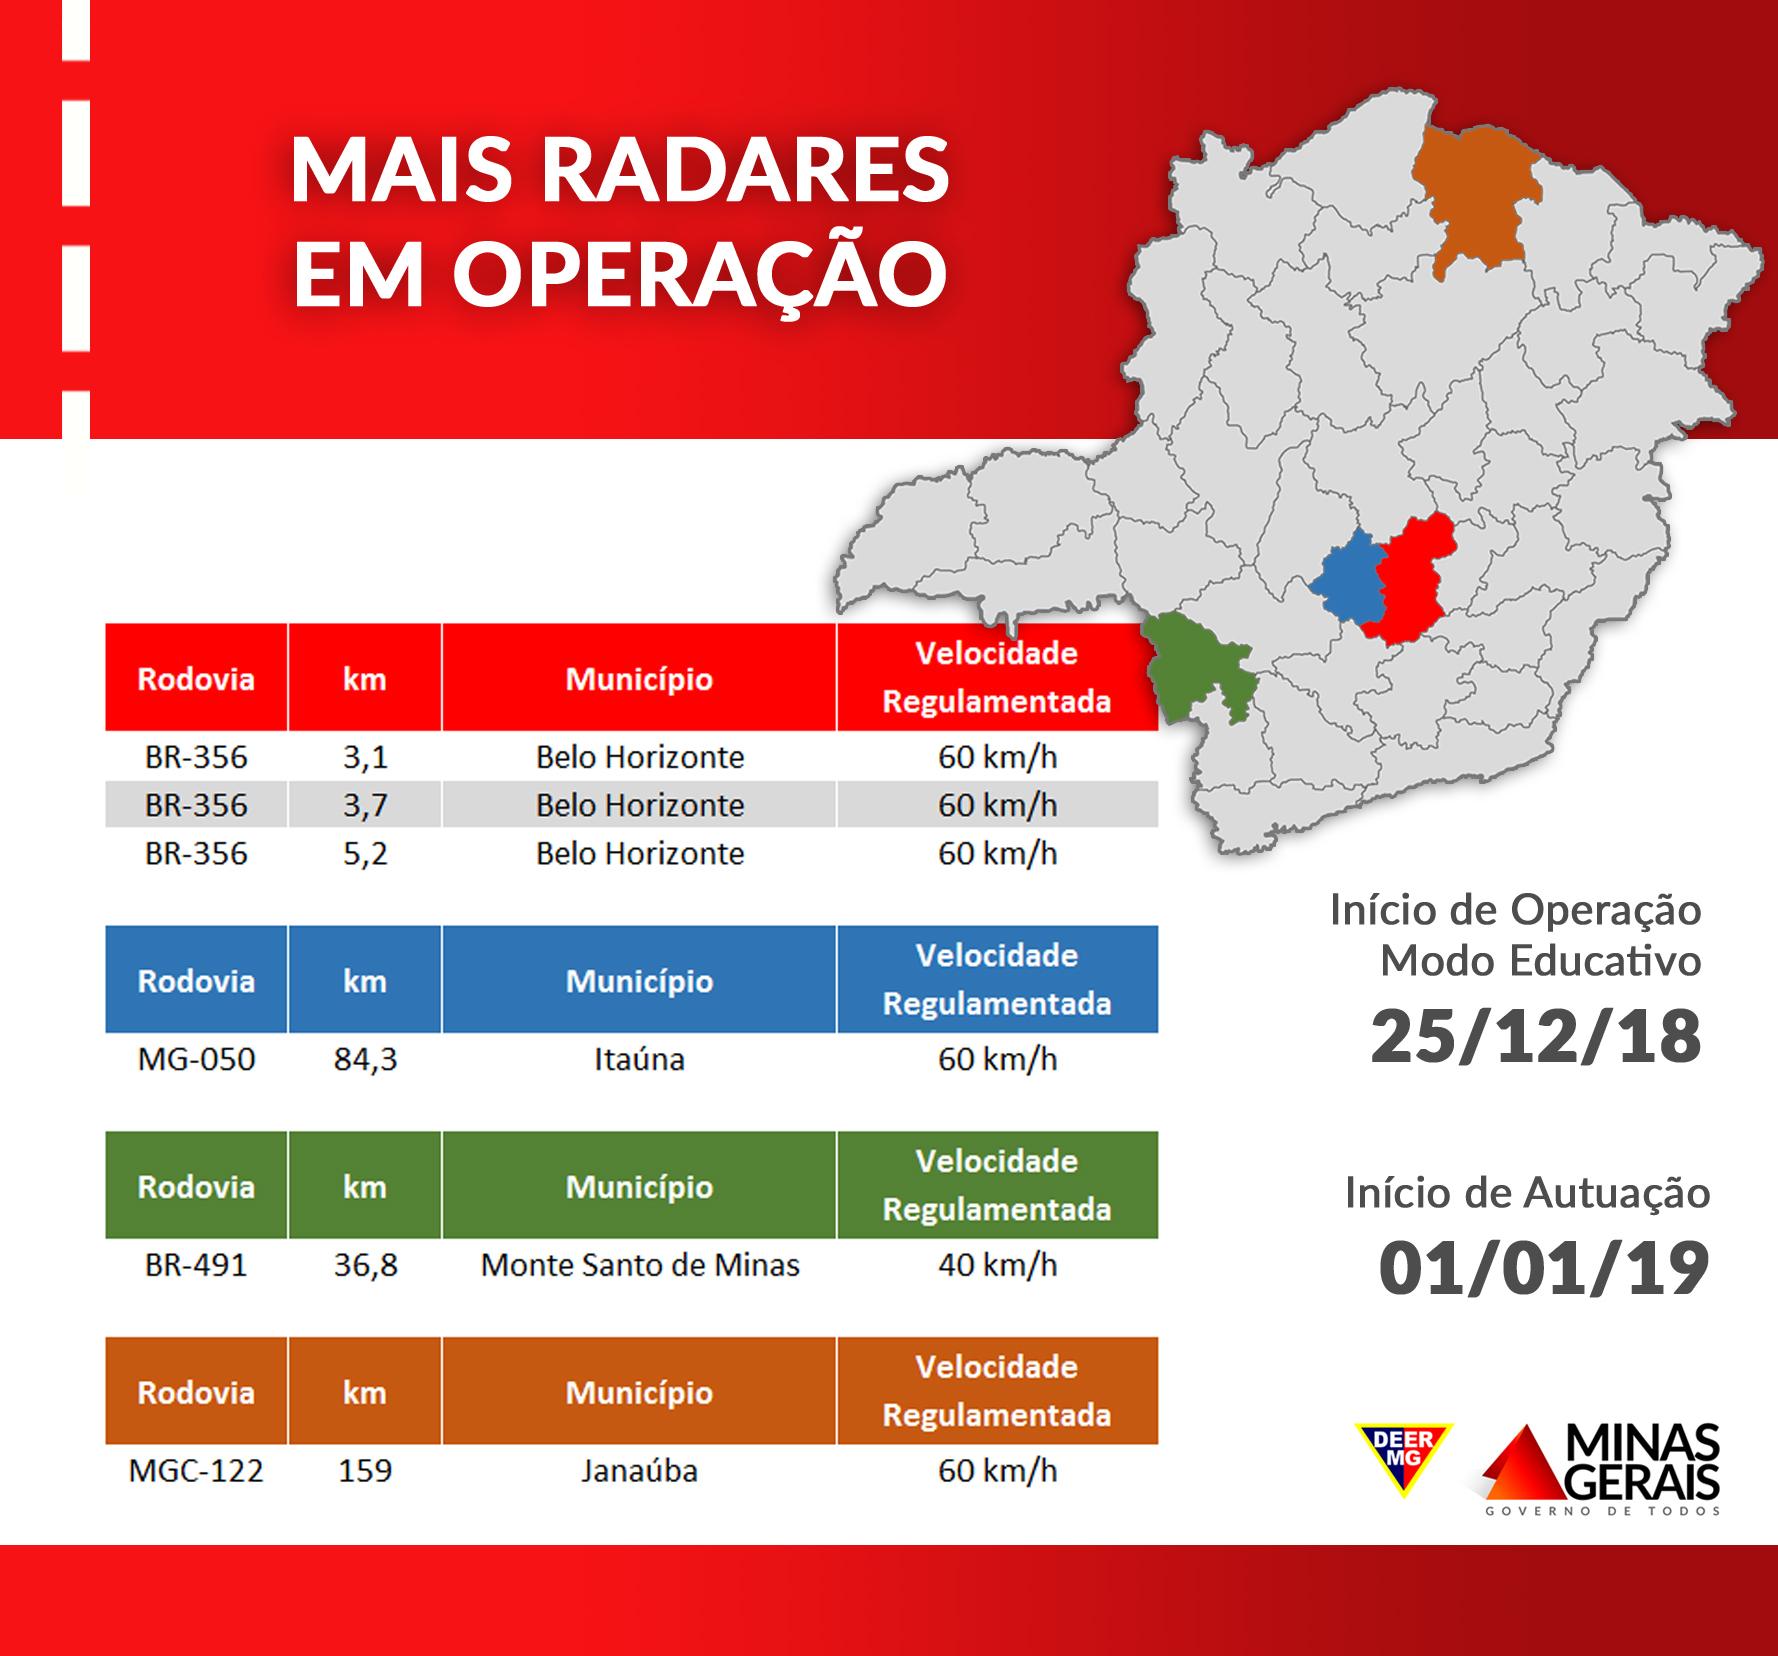 novos-radares-25-12-2018